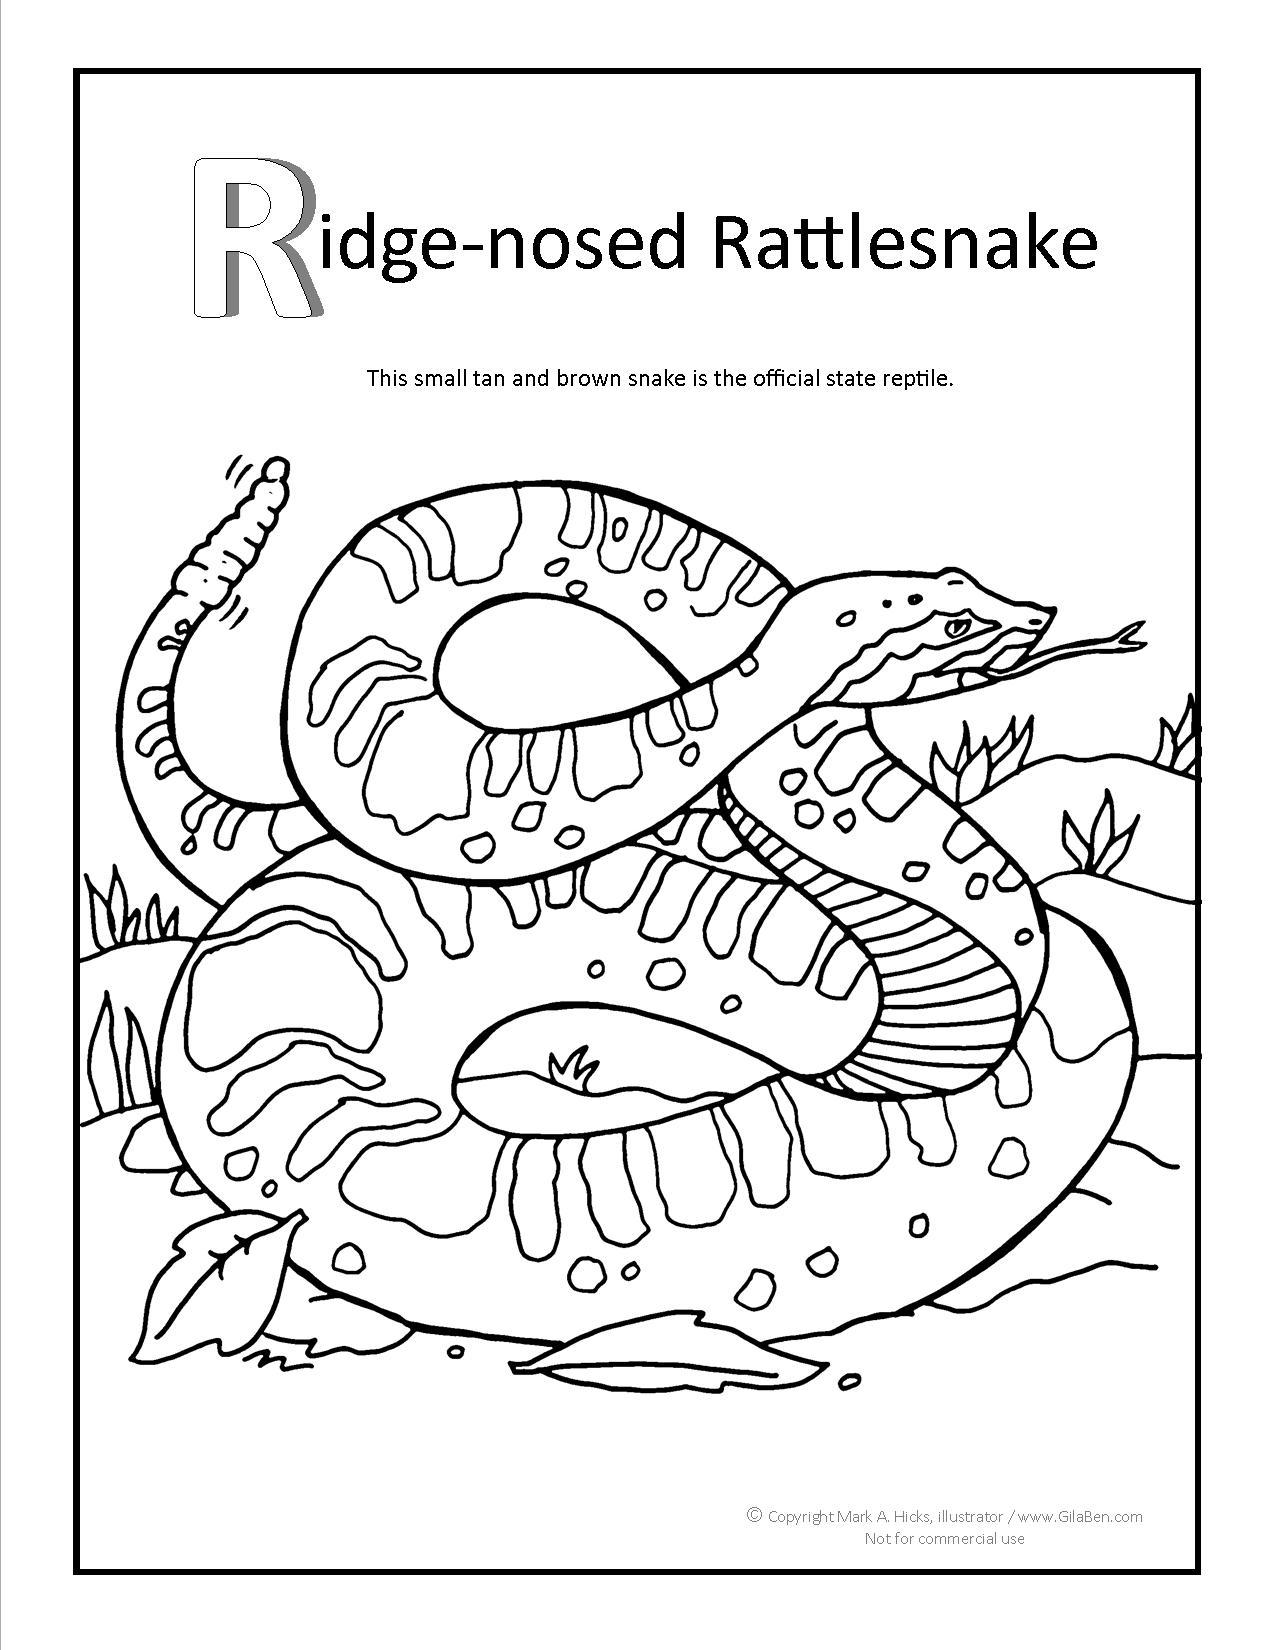 1275x1650 Ridge Nosed Rattlesnake Coloring Page